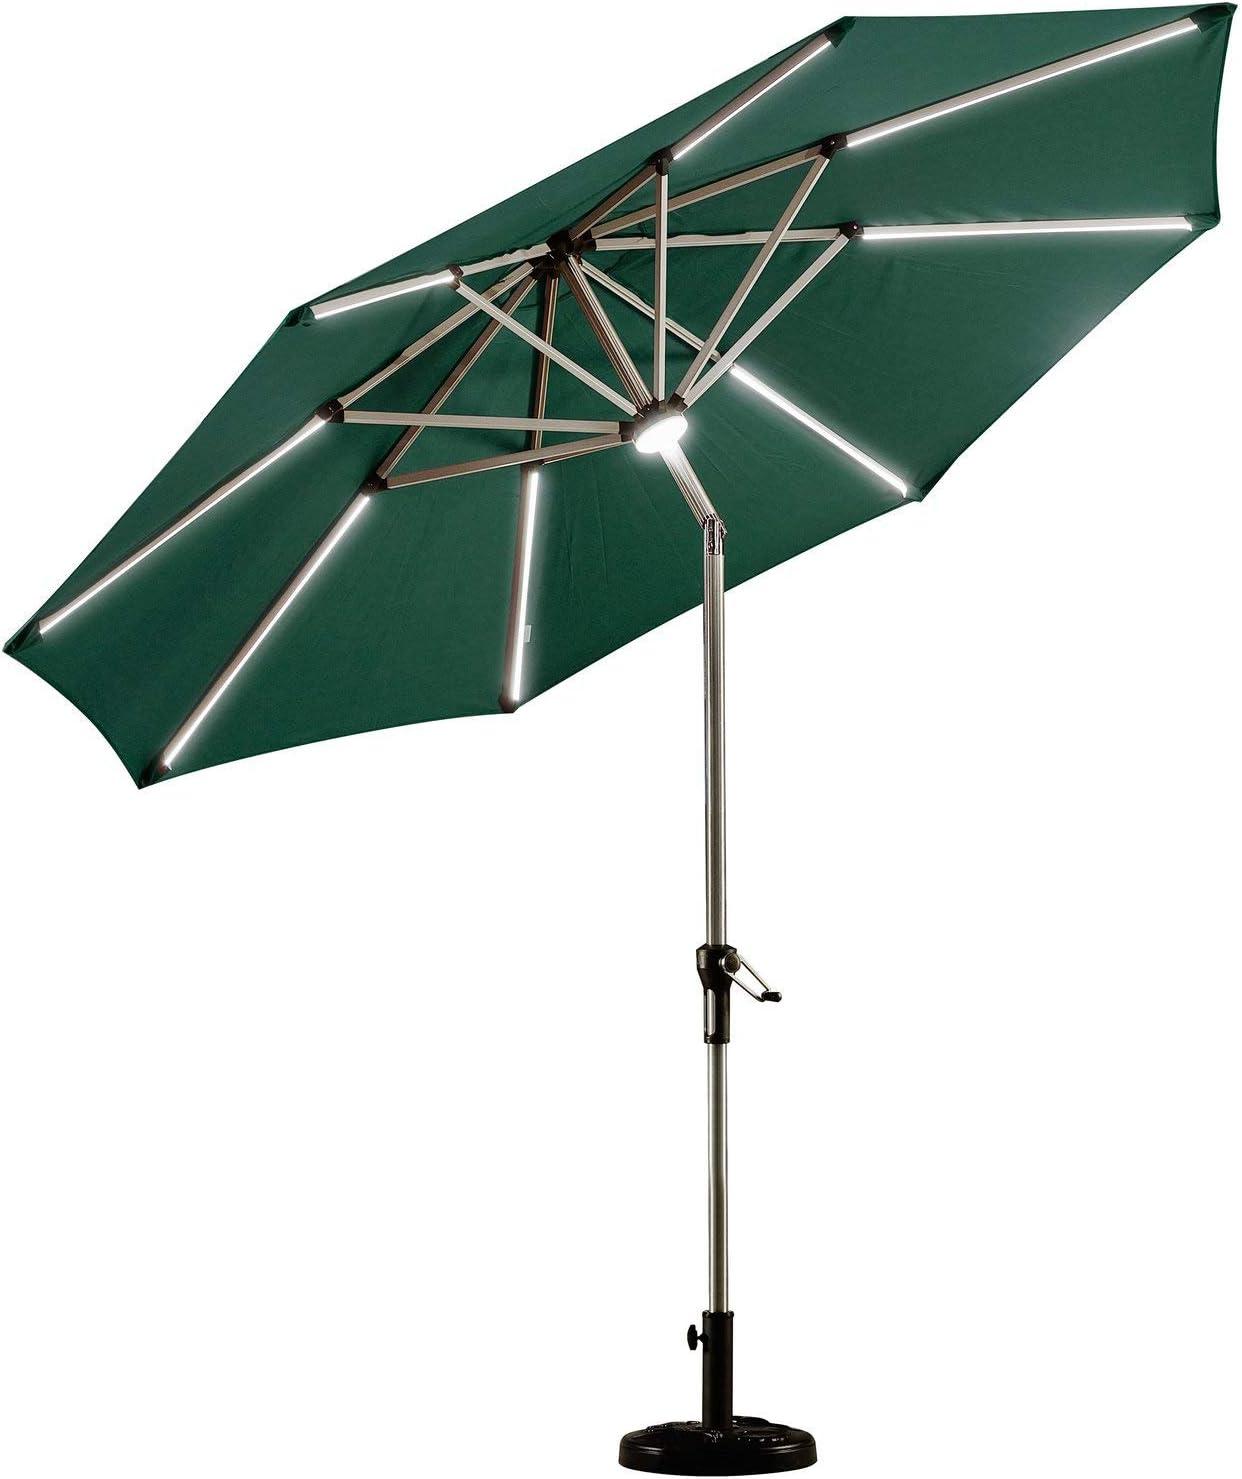 PURPLE LEAF 9 Feet Solar Powered LED Lighted Patio Umbrella